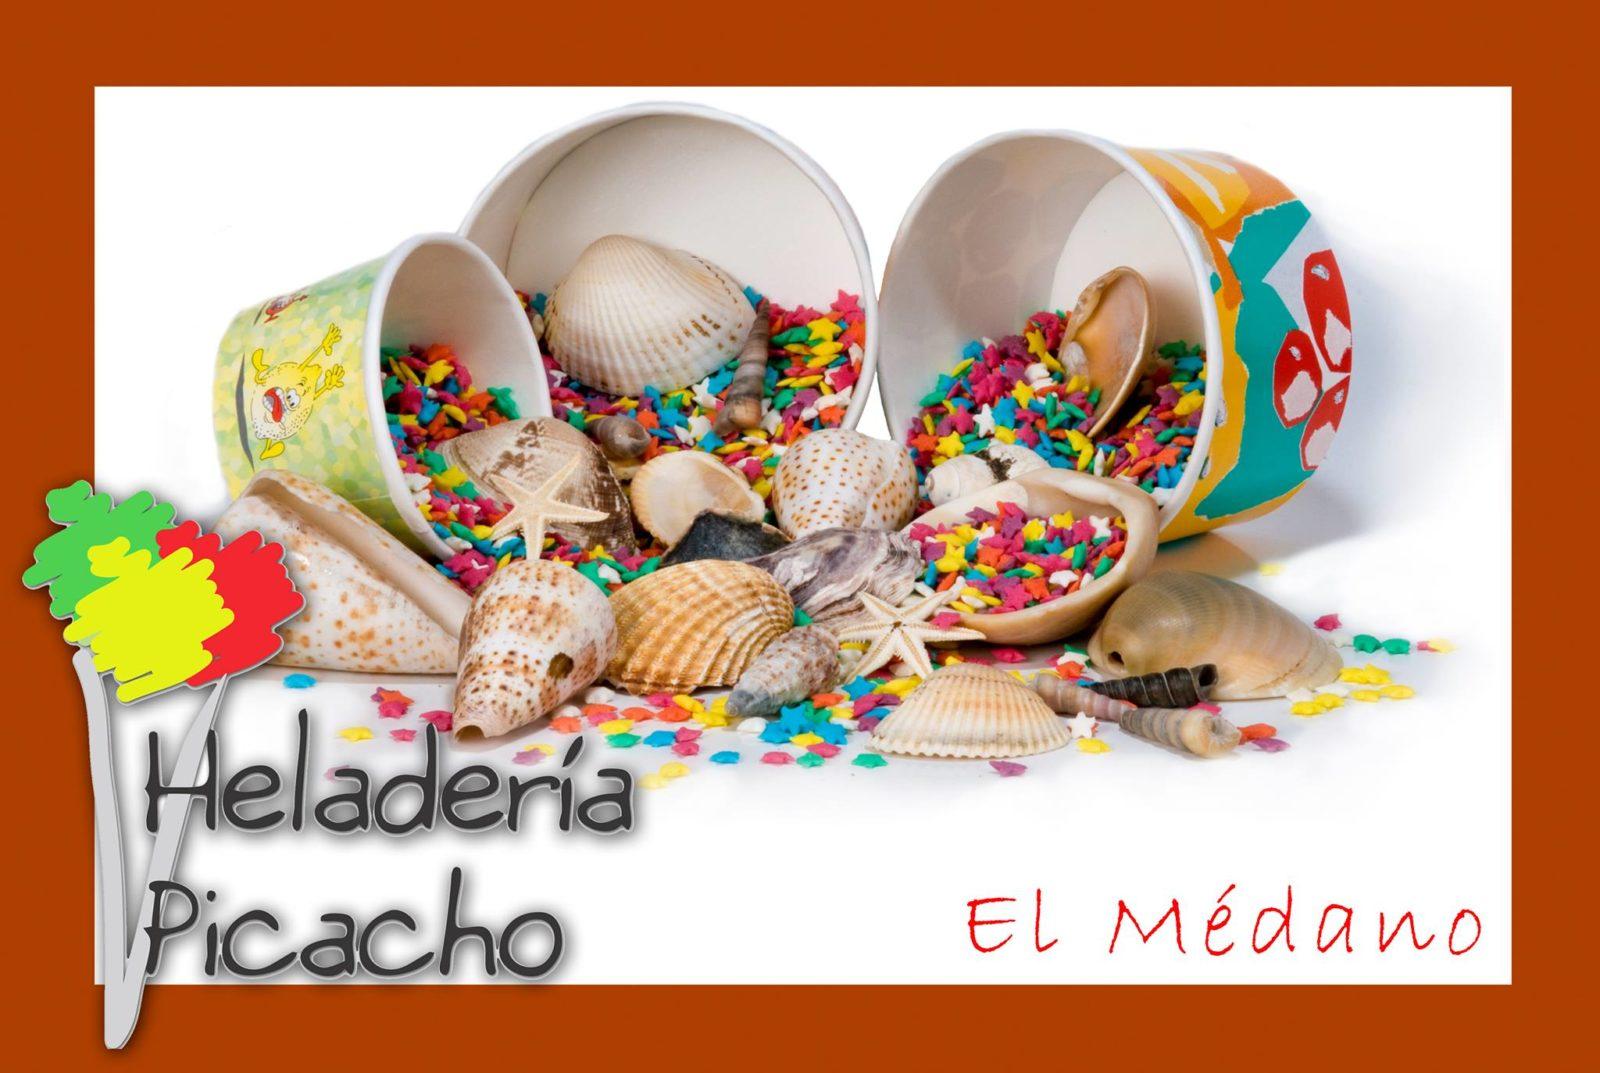 Heladería Picacho